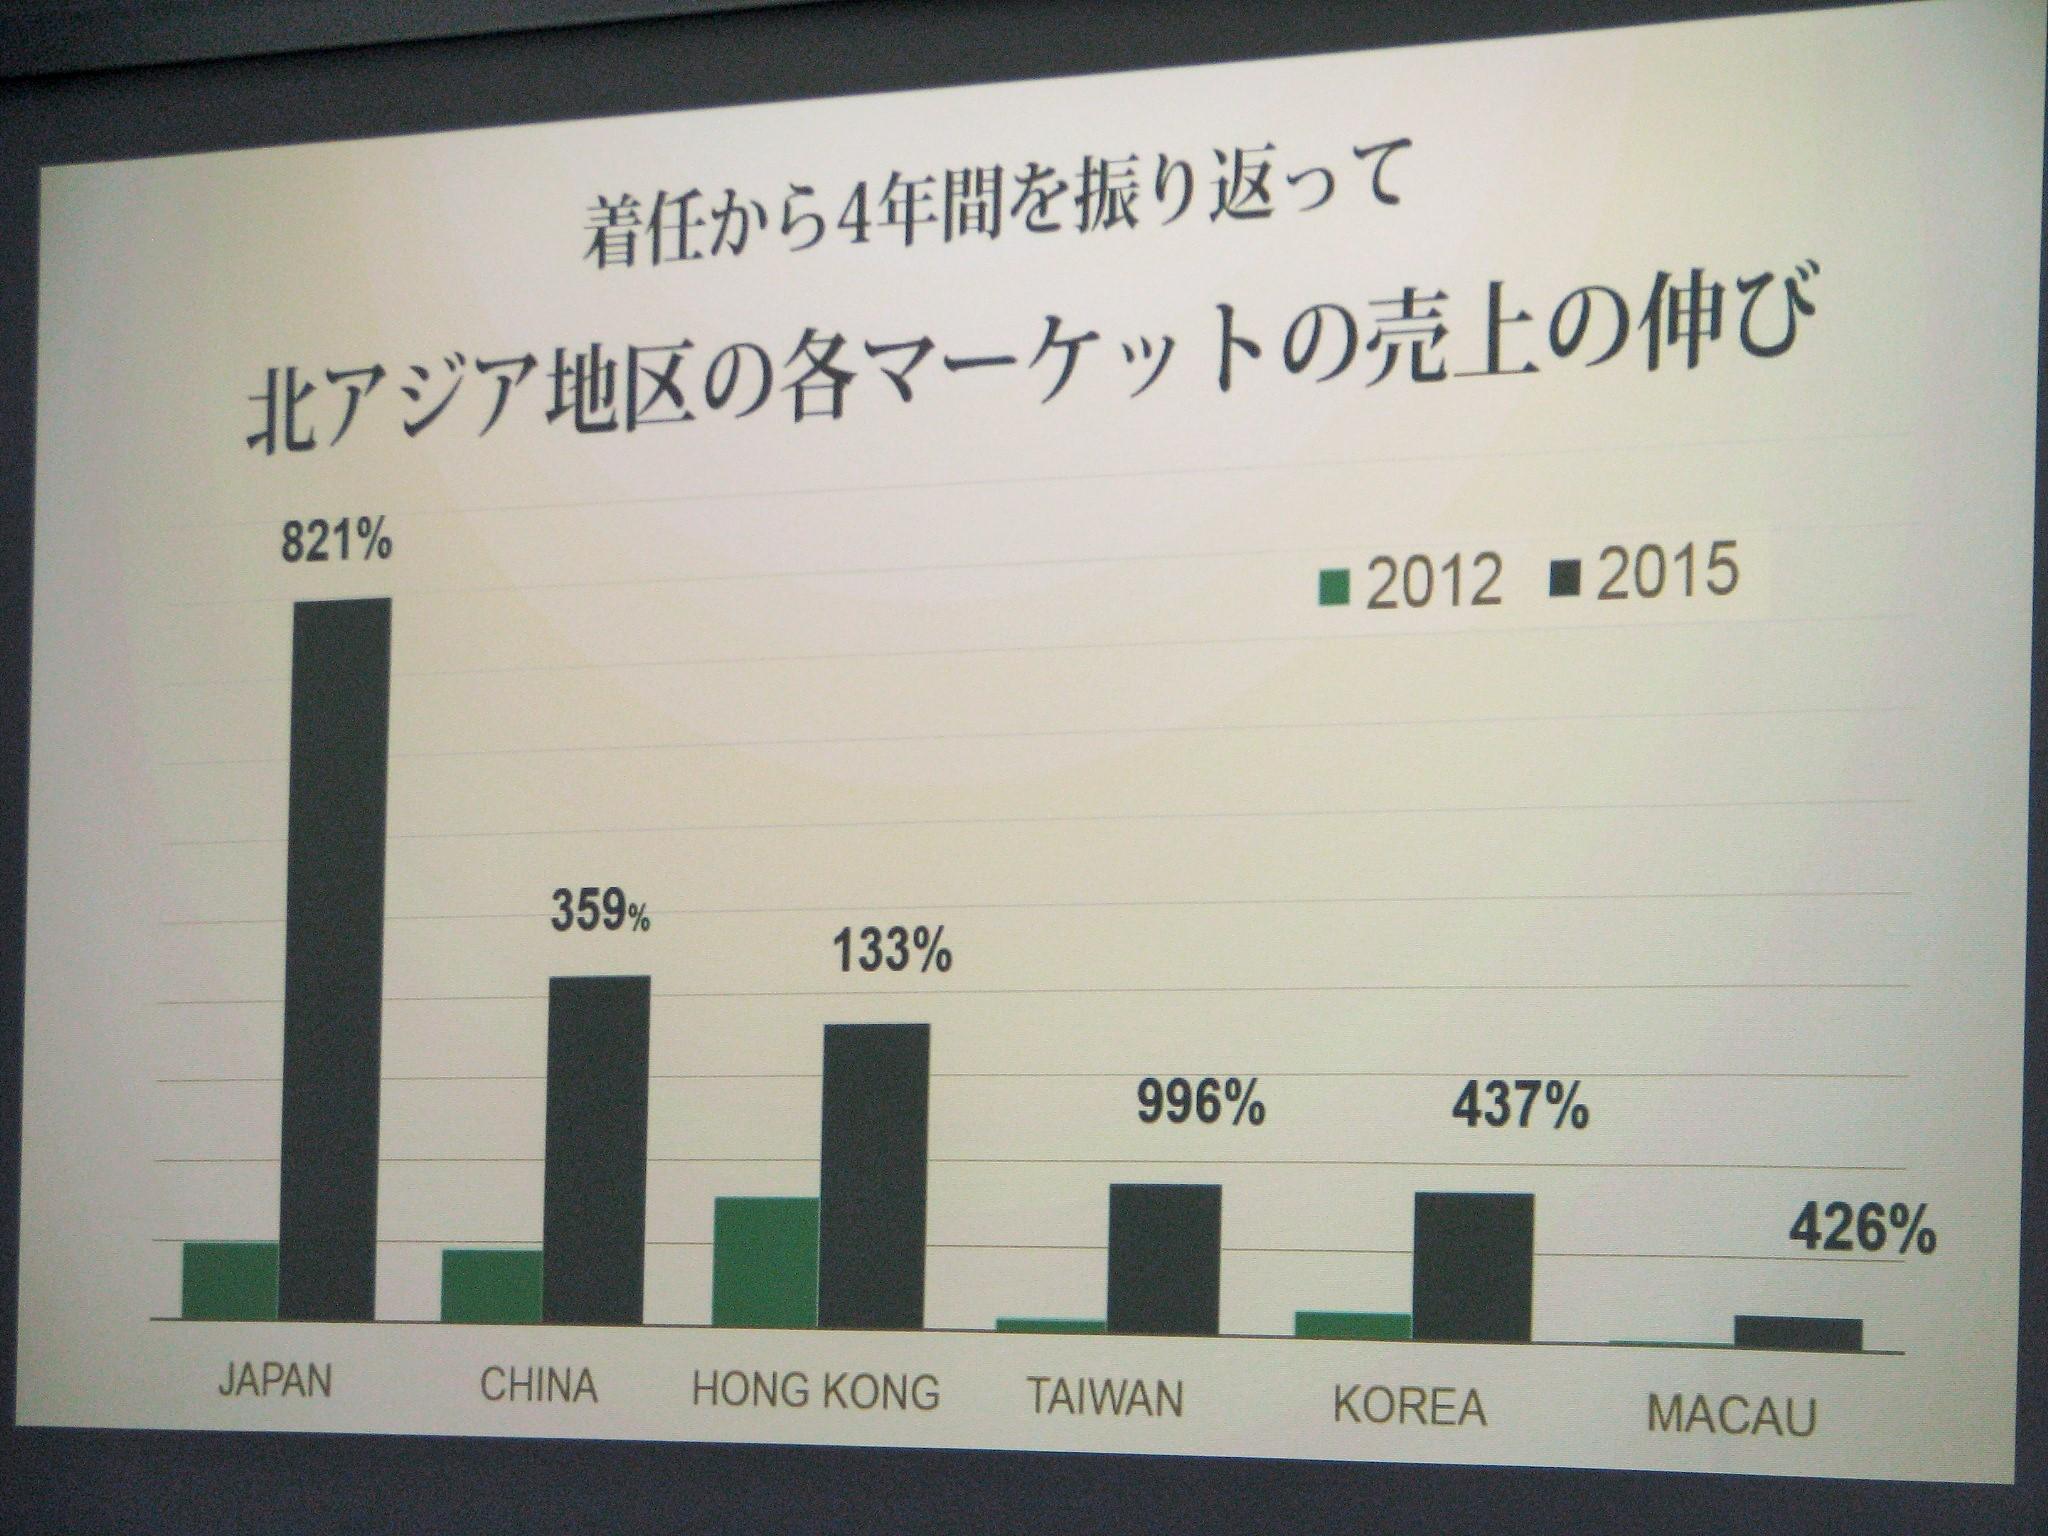 ブッキング・ドットコムが日本戦略を発表、「民泊」から「体験」の提供まで責任者に聞いてきた